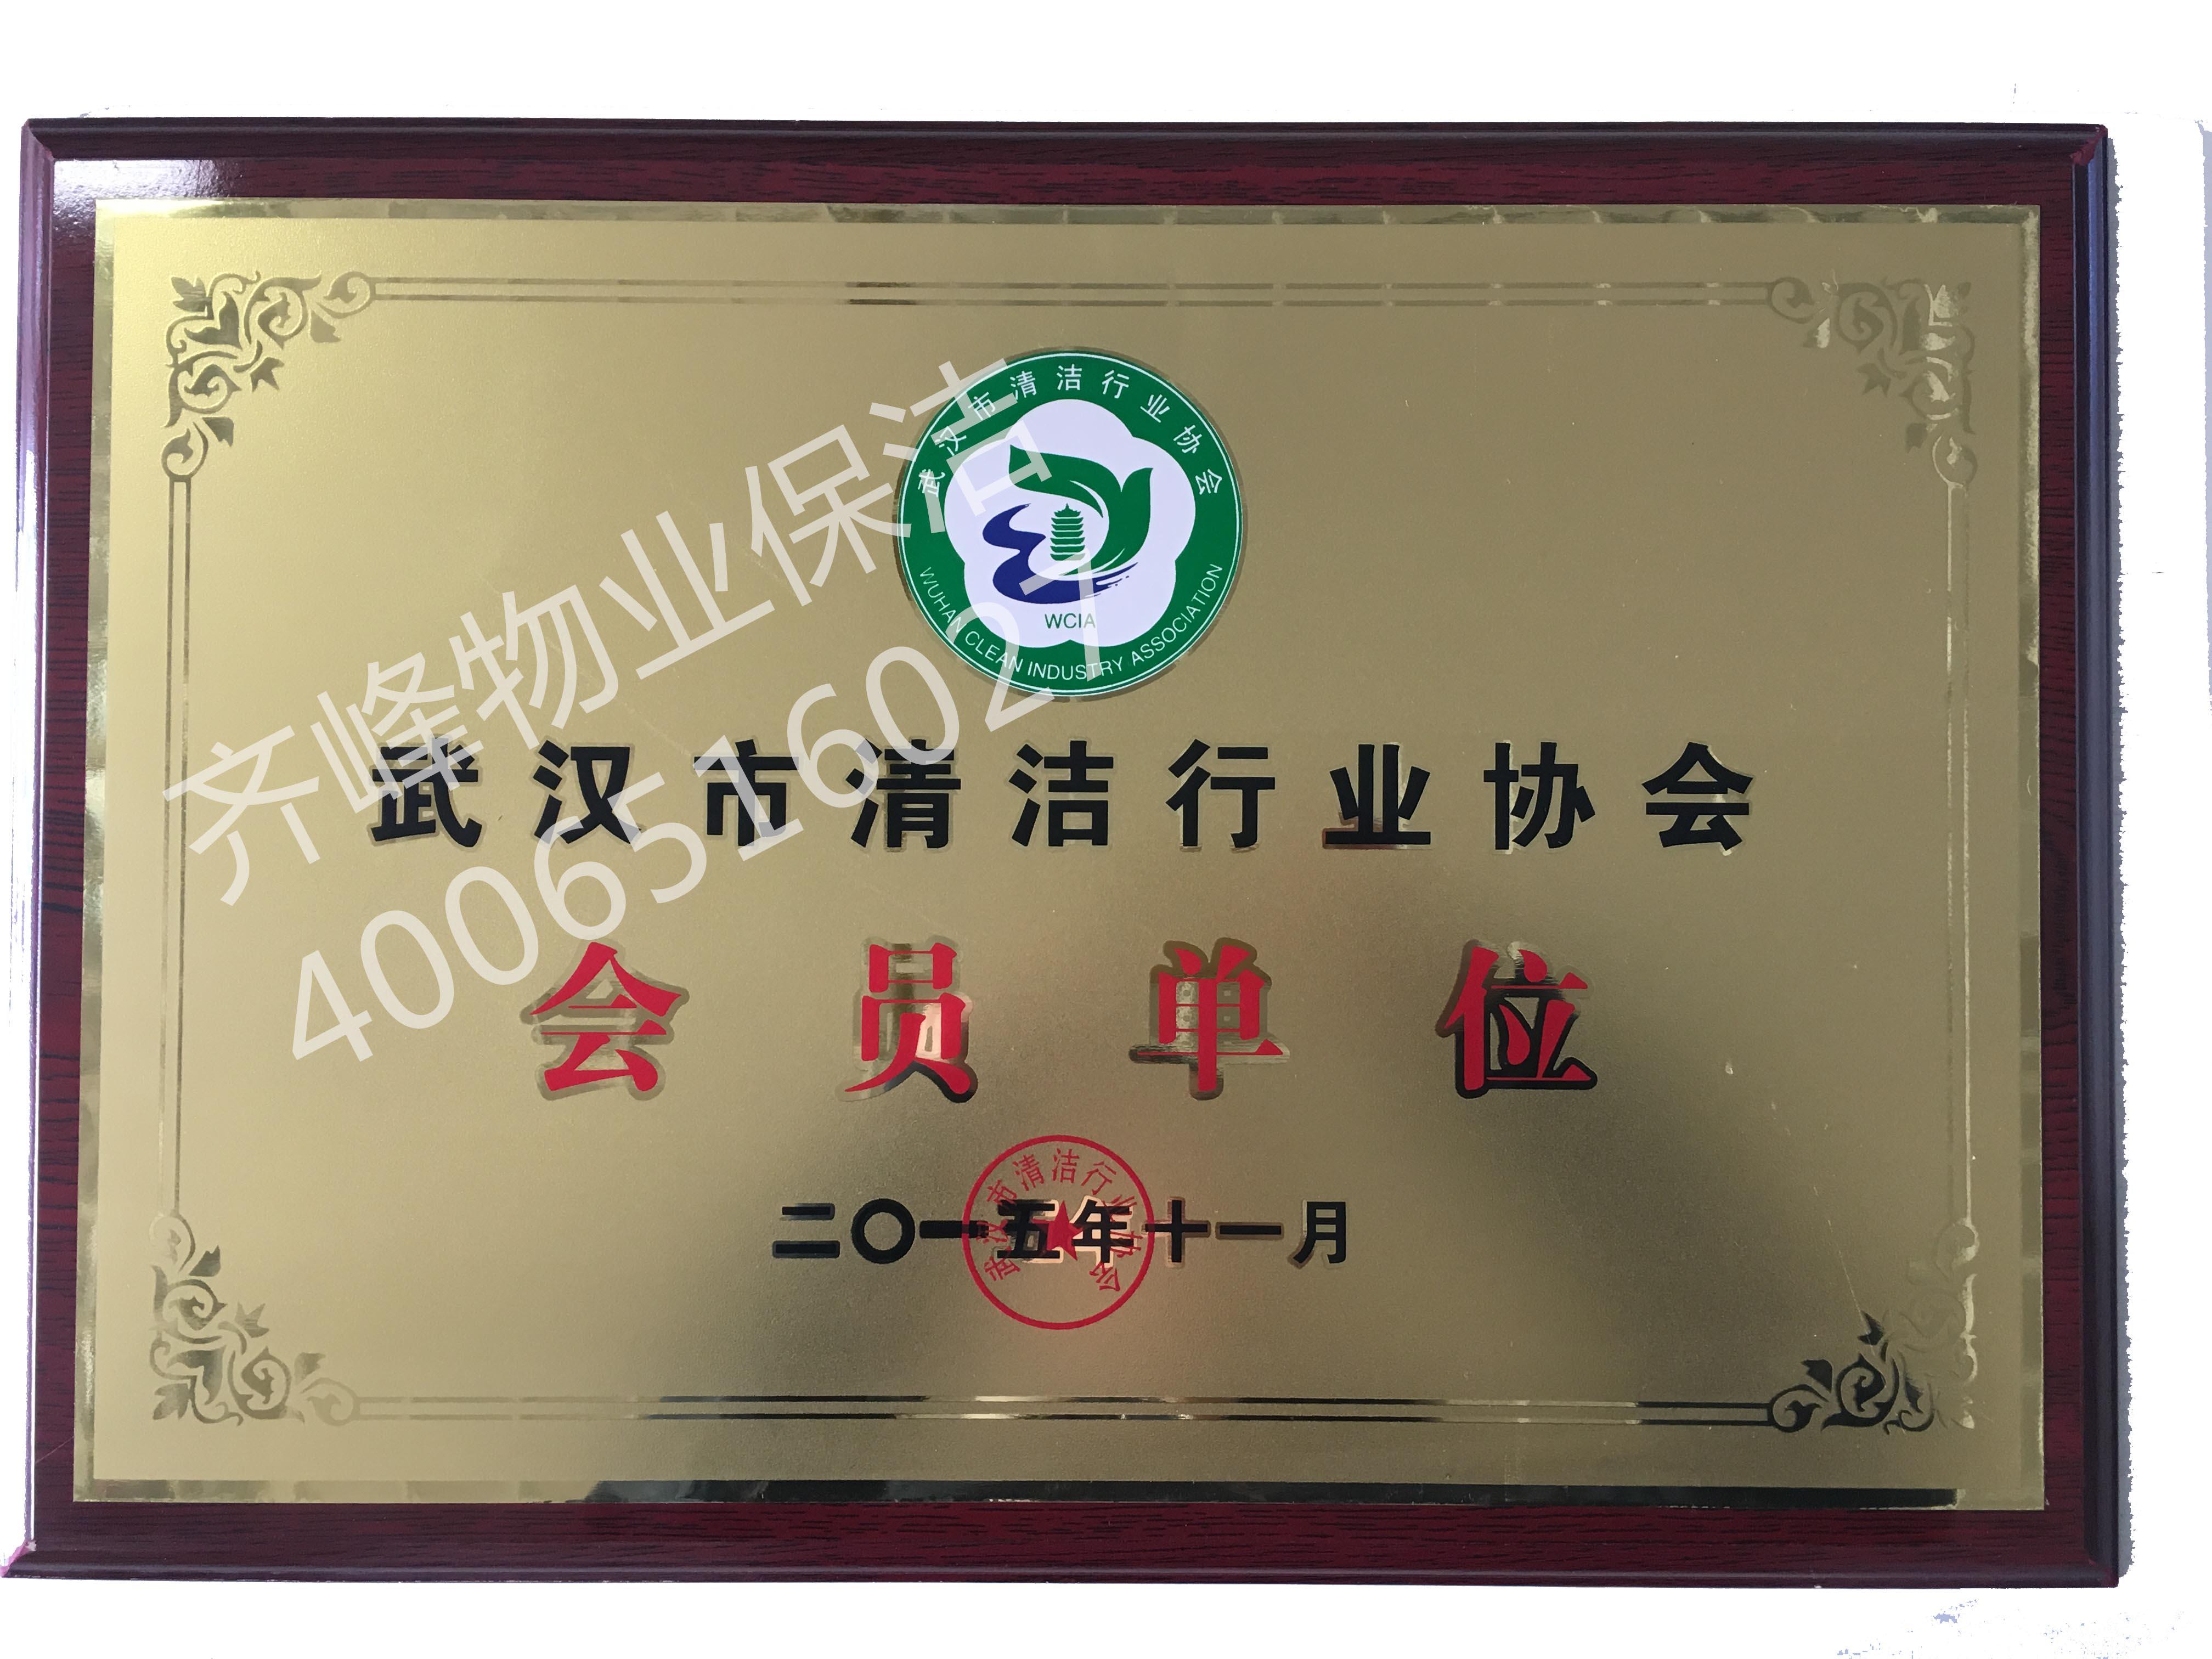 武汉市清洁行业协会会员单位